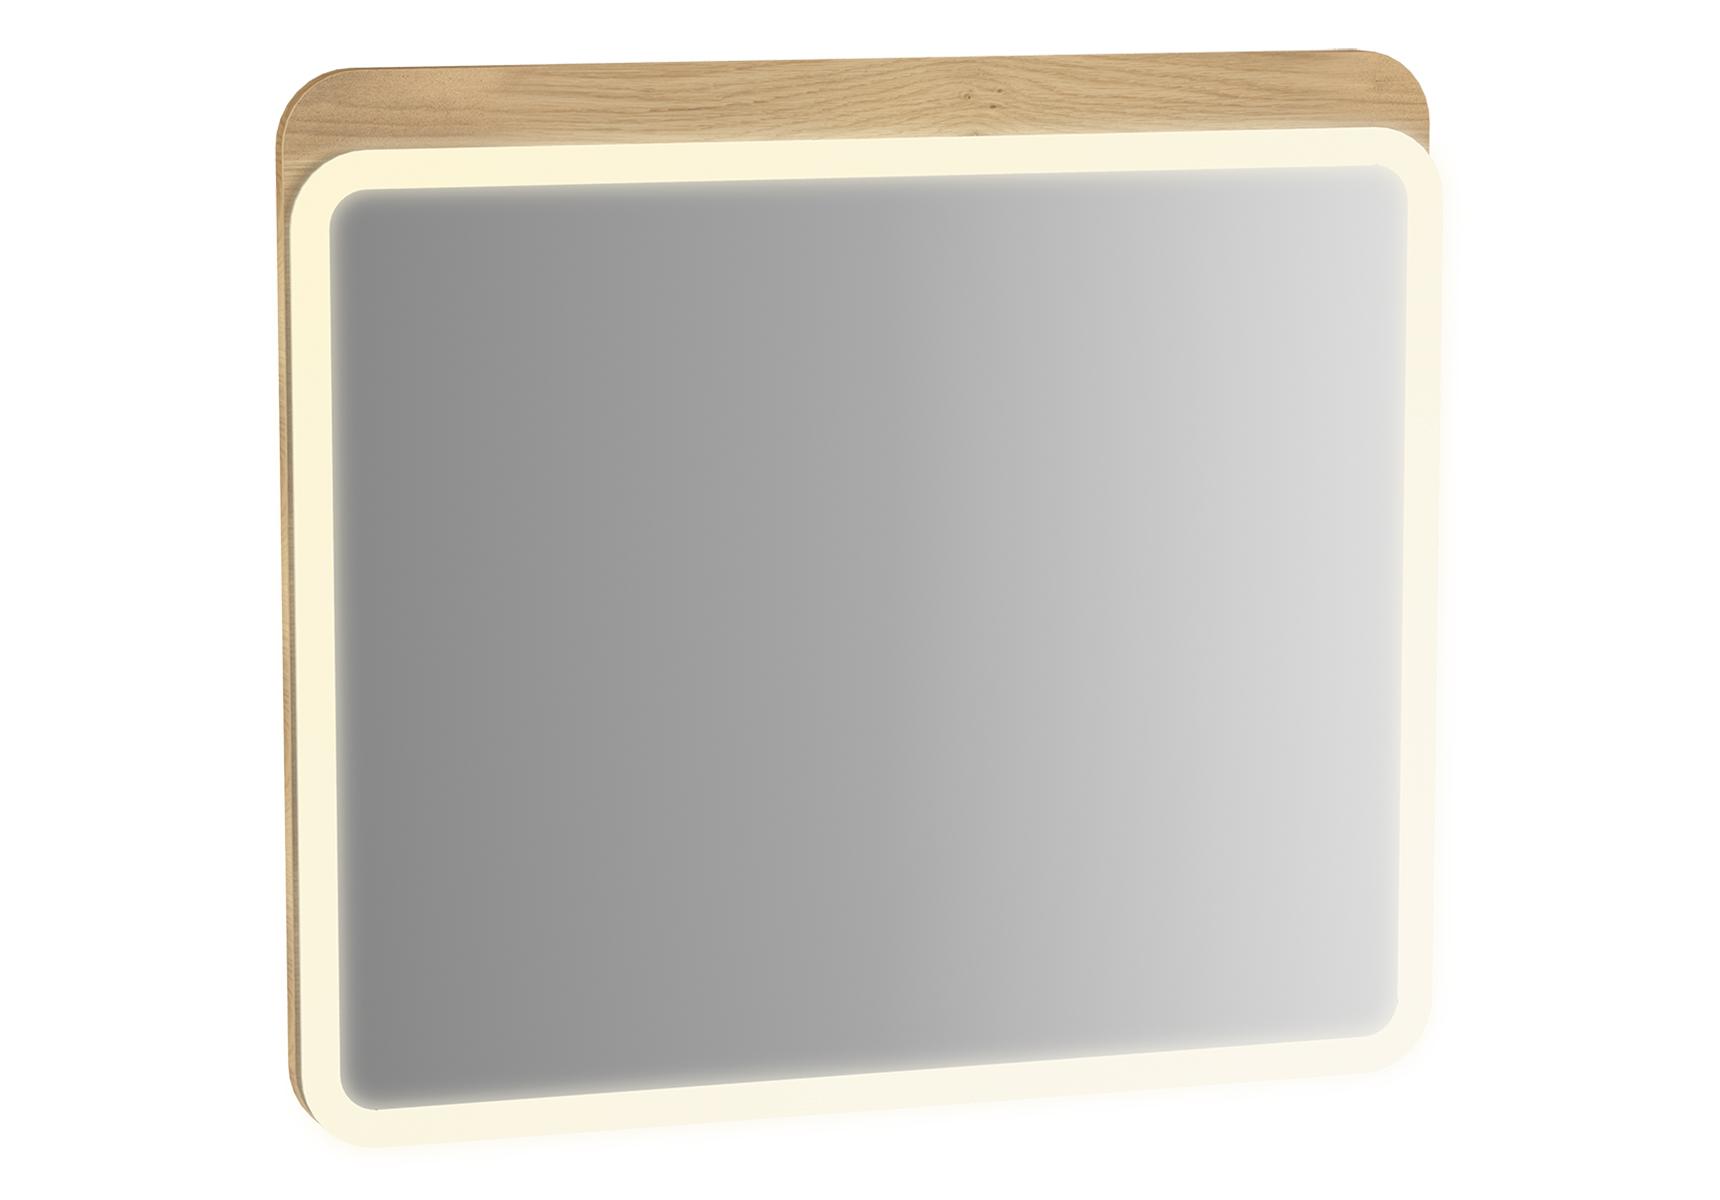 Sento miroir LED, 80 cm, décor chêne naturel, avec éclairage à LED péripherique